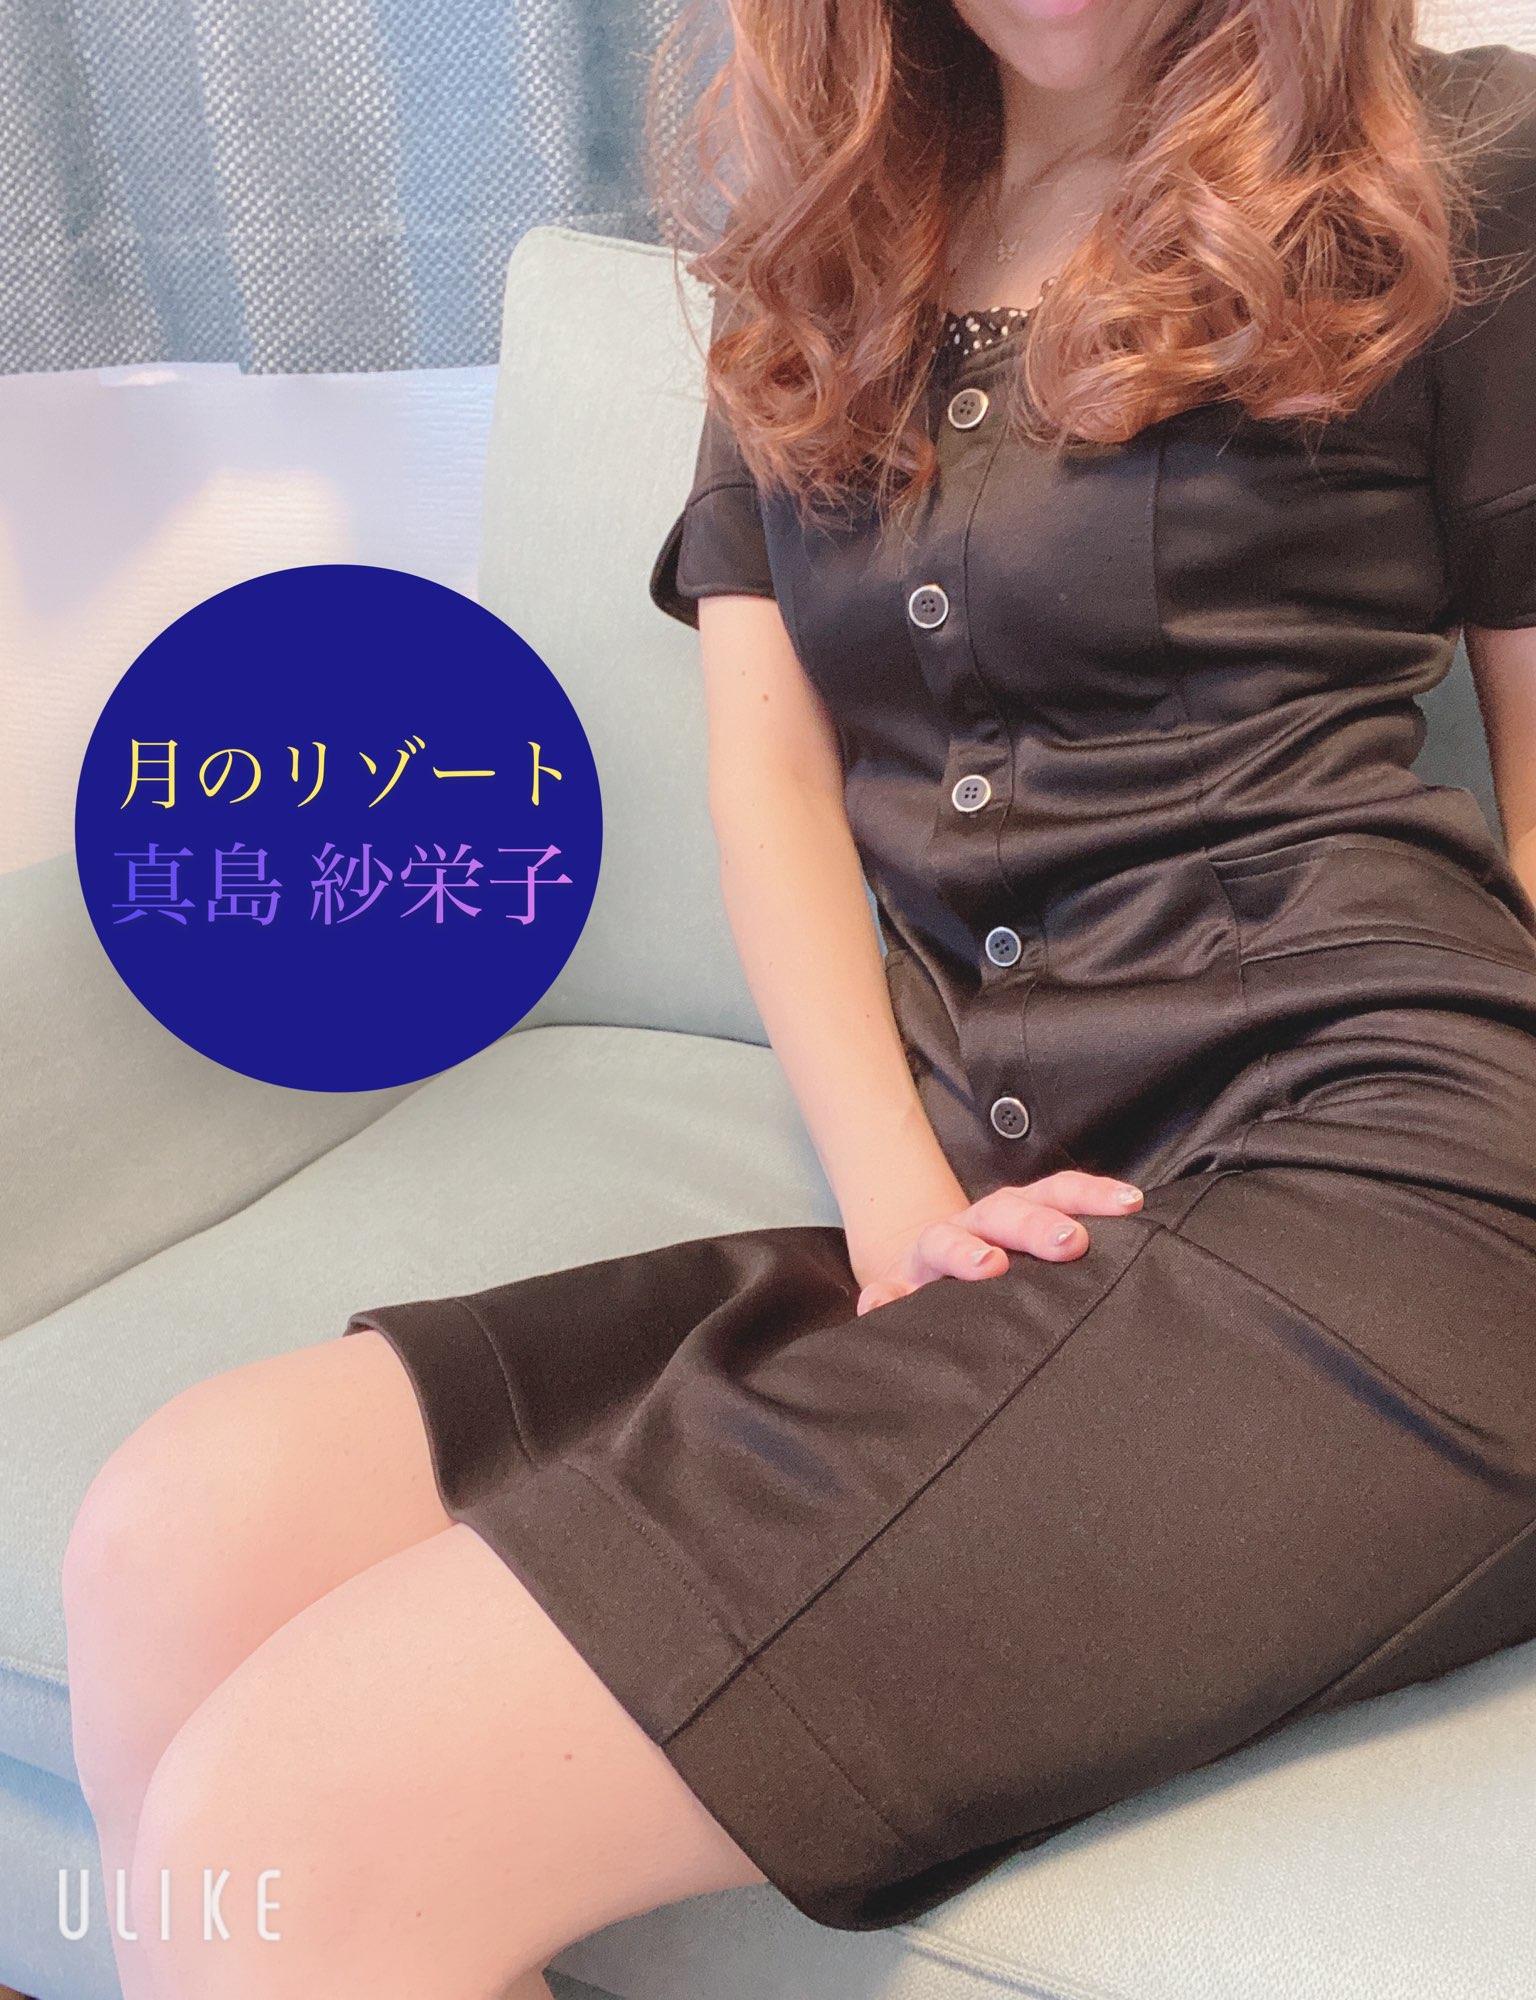 真島 紗栄子【36】の写真1